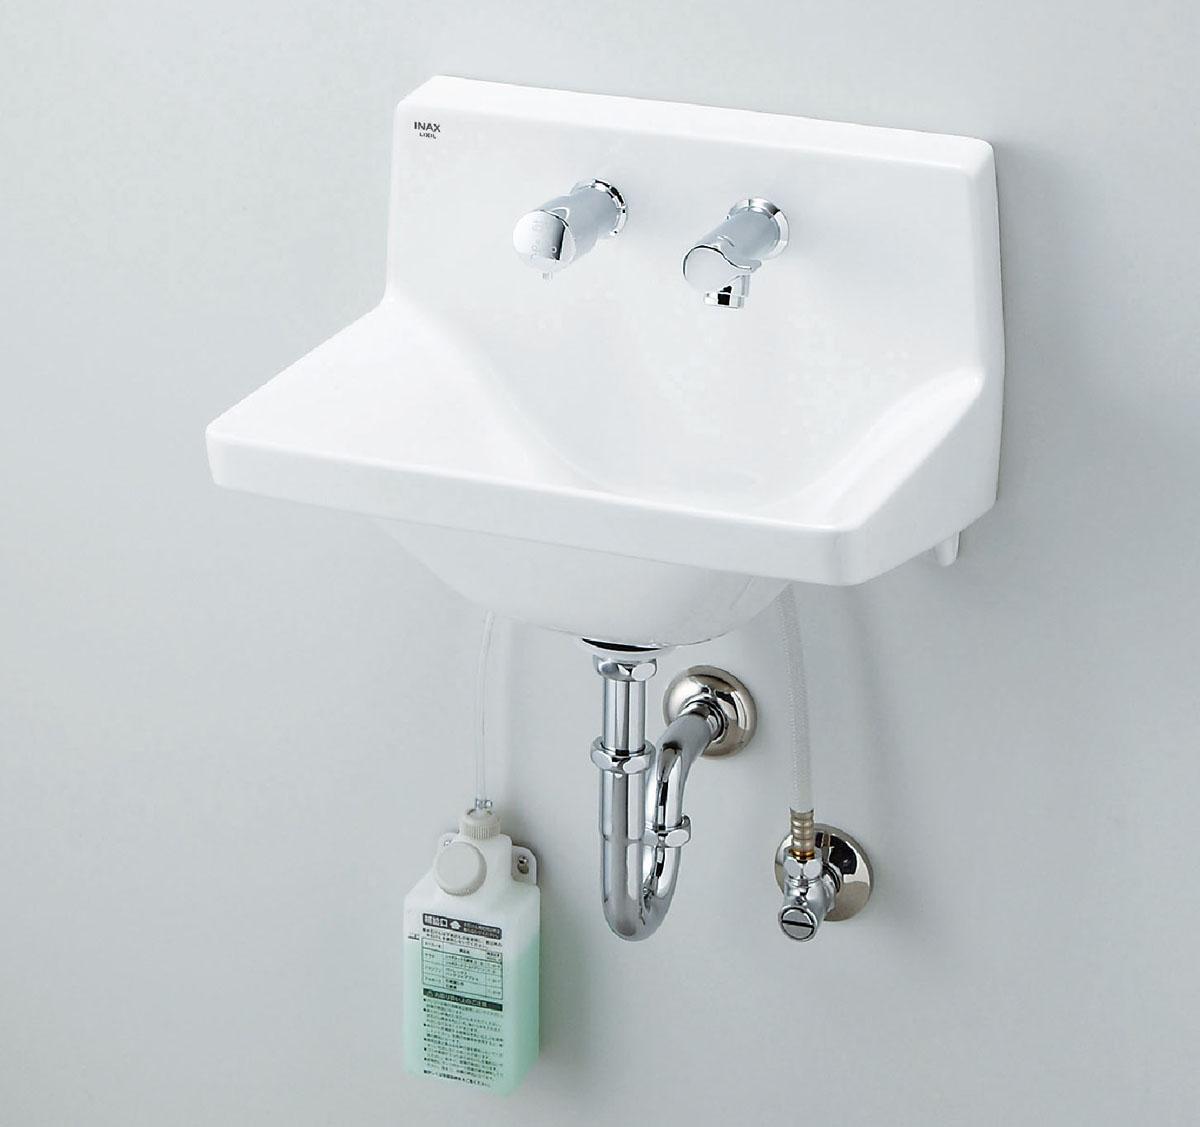 LIXIL INAX ハイバックガード洗面器(コンパクトタイプ)ハンドル水栓+水石けん供給栓セット L-A951H2D L-A951H2B